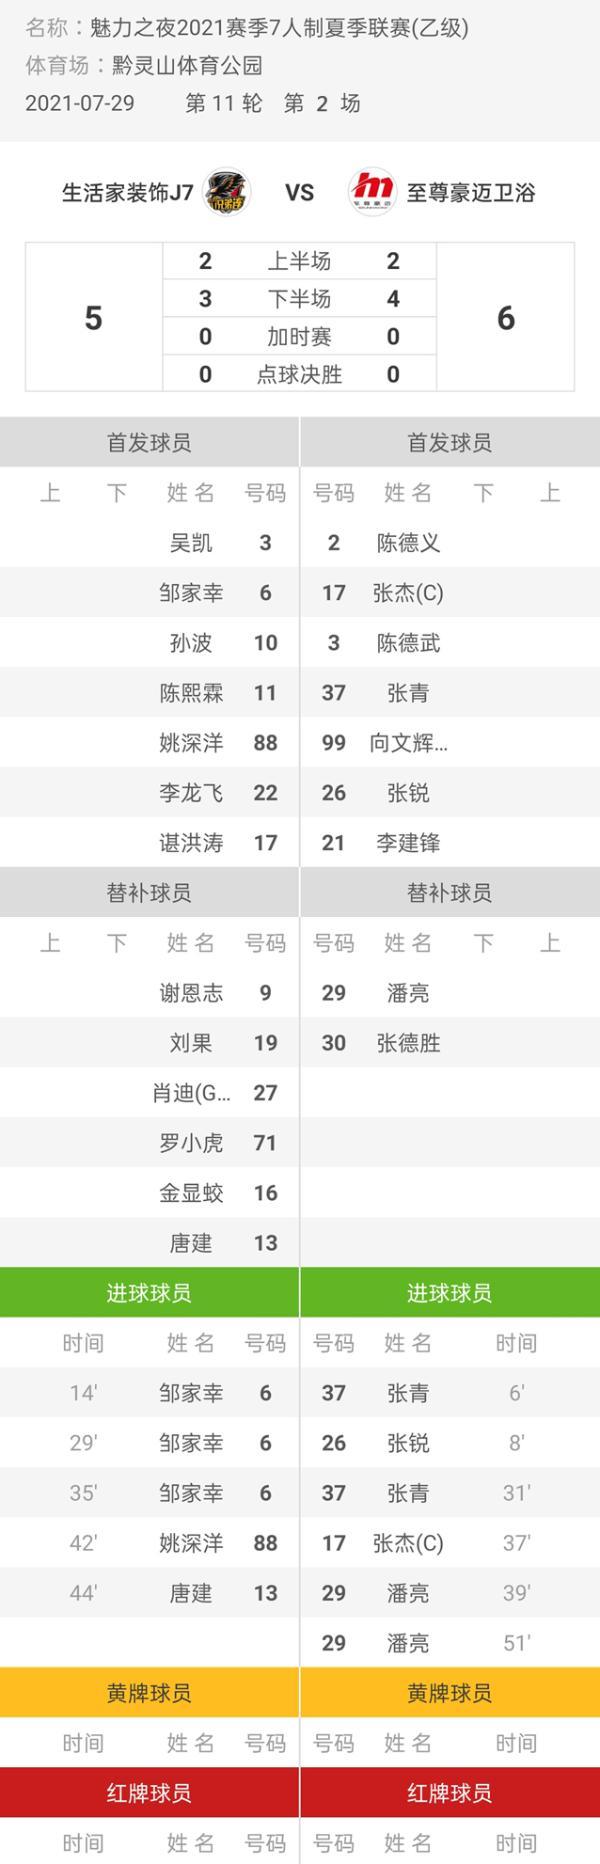 魅力之夜2021赛季7人制足球夏季联赛 豪迈卫浴6-5生活家装饰J7